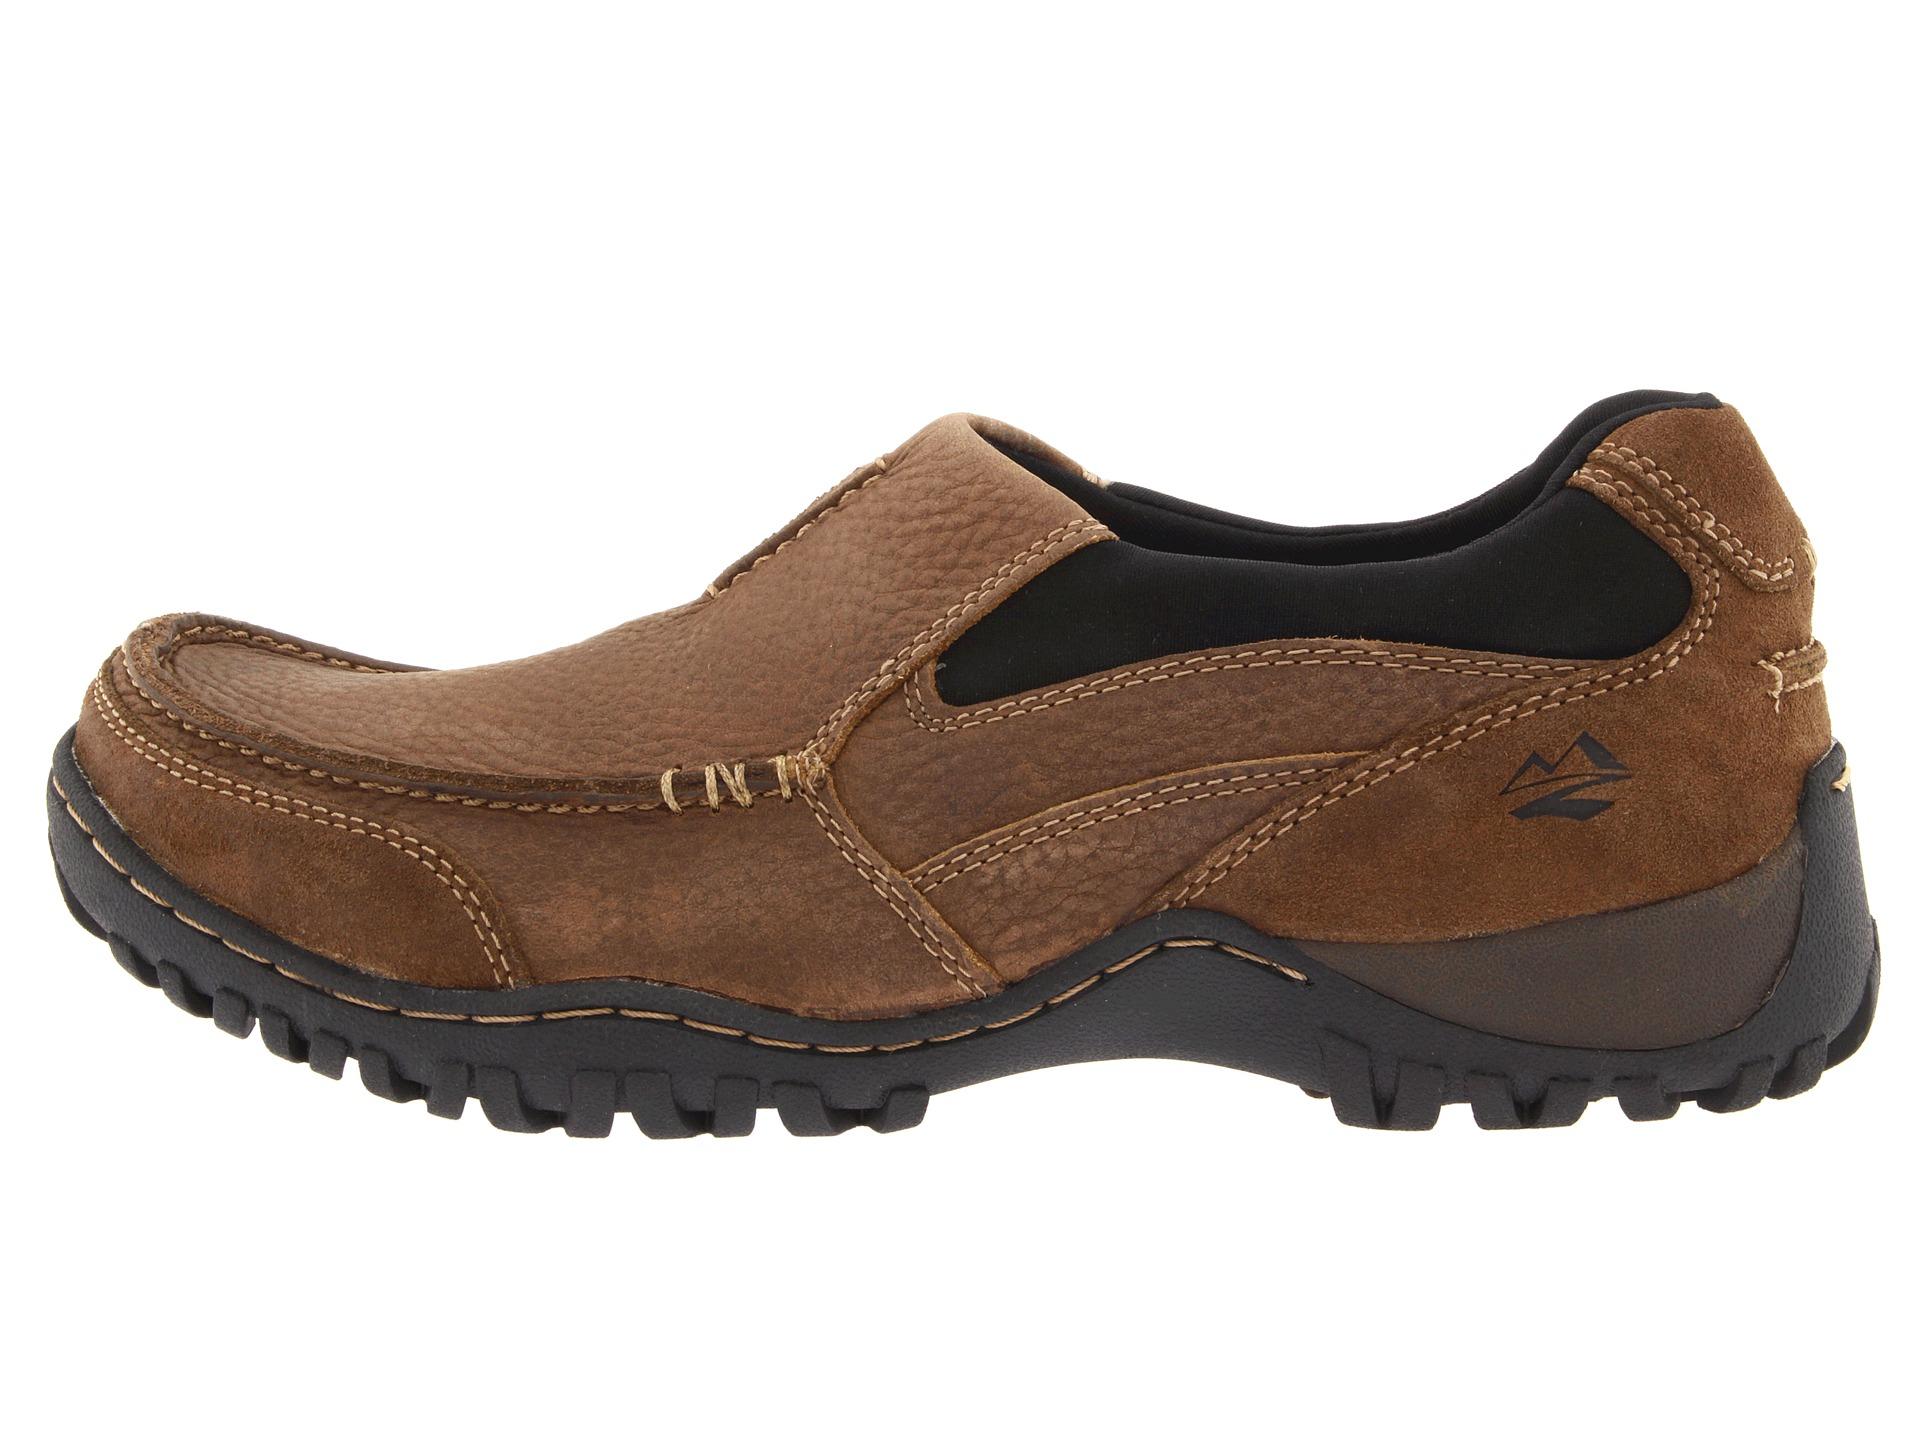 Nunn Bush All Terrain Comfort Shoes